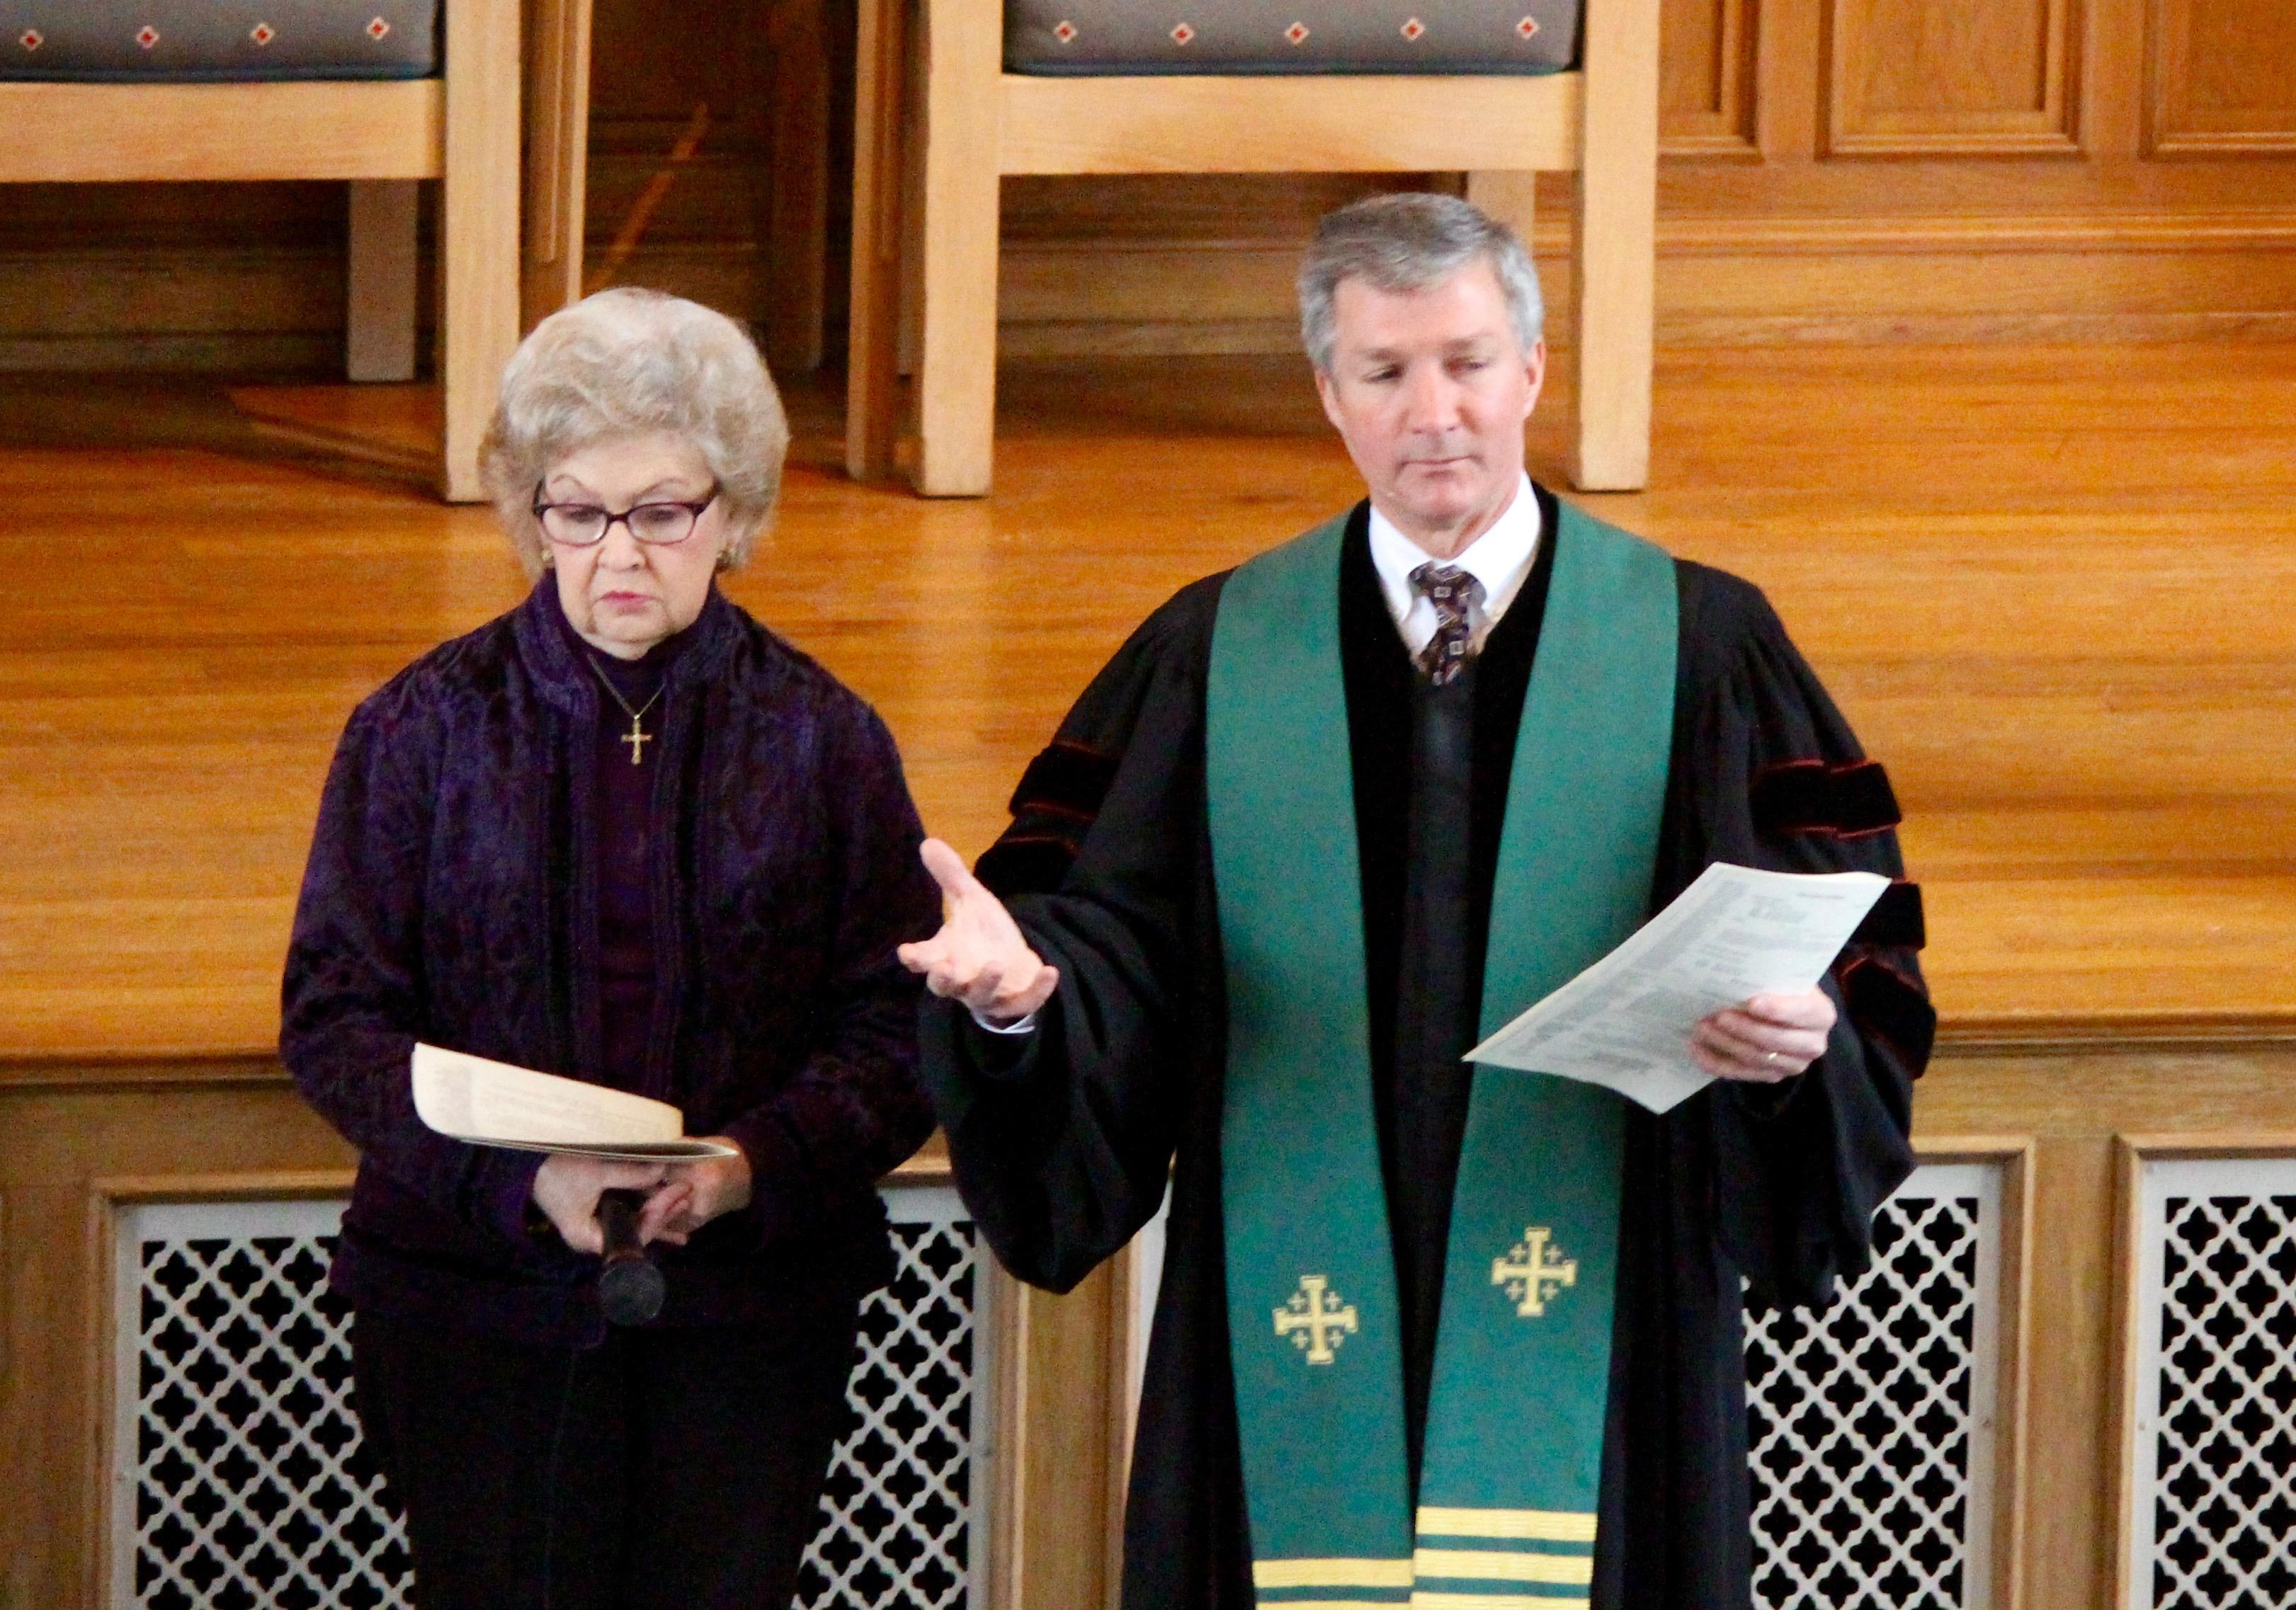 Rev. Speed Presents Elders